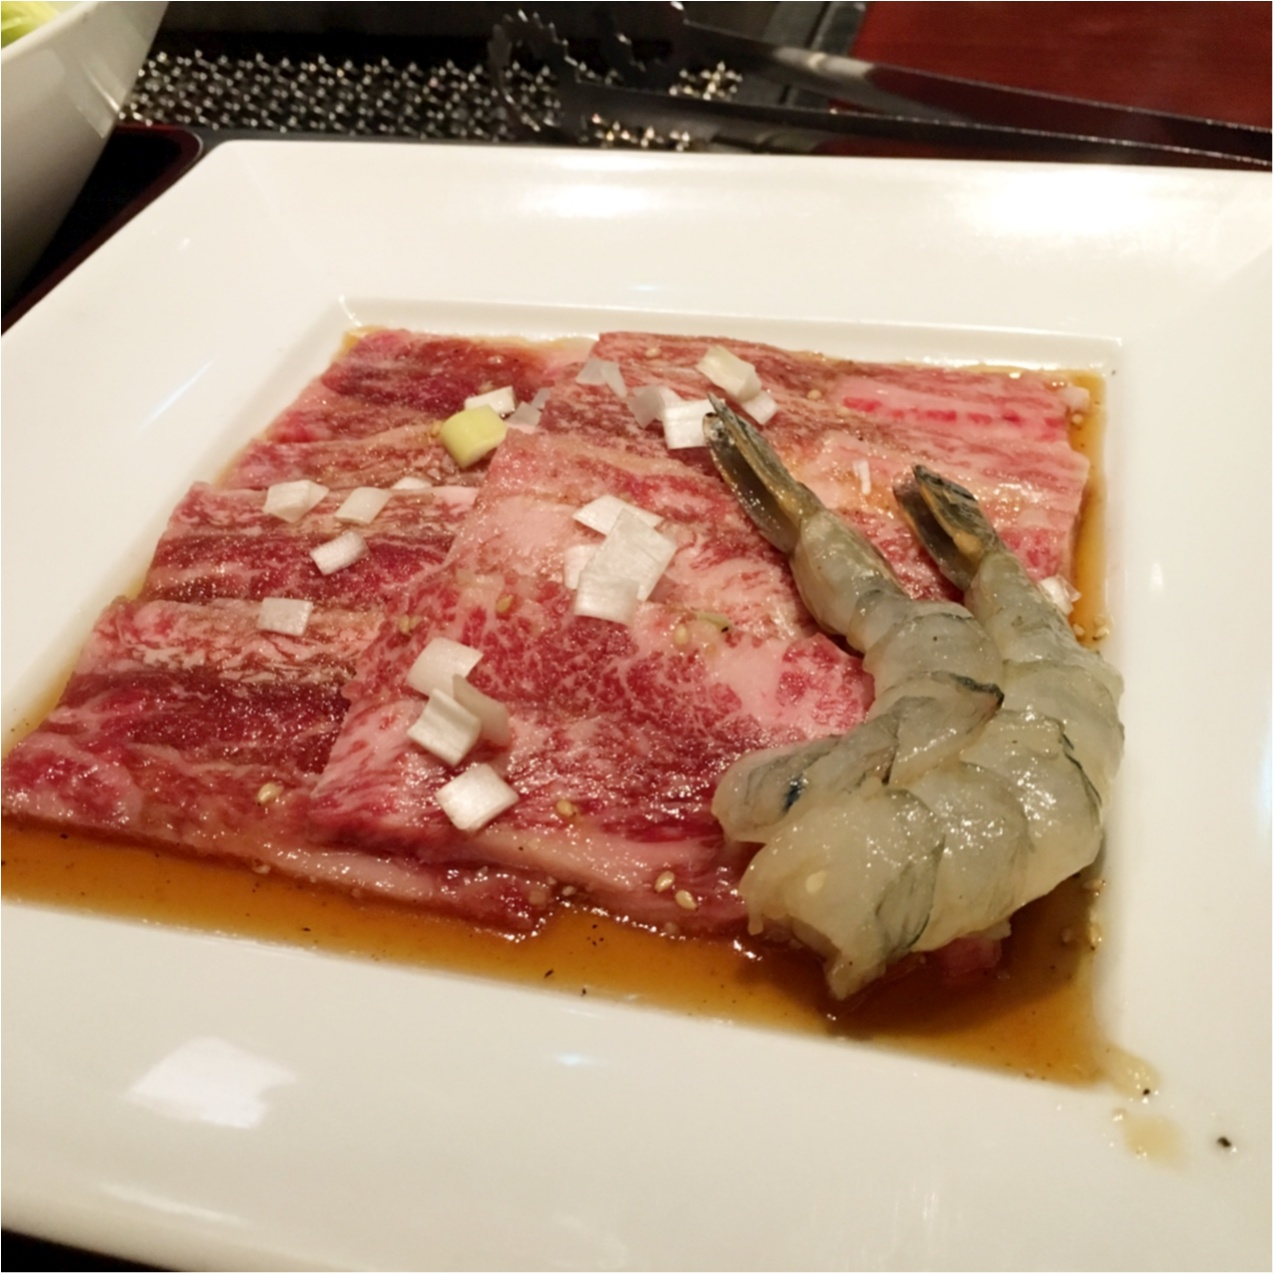 絶対お得!高級焼肉店《 叙々苑 》のランチタイムは美味しいお肉がリーズナブルに食べれちゃう♡_3